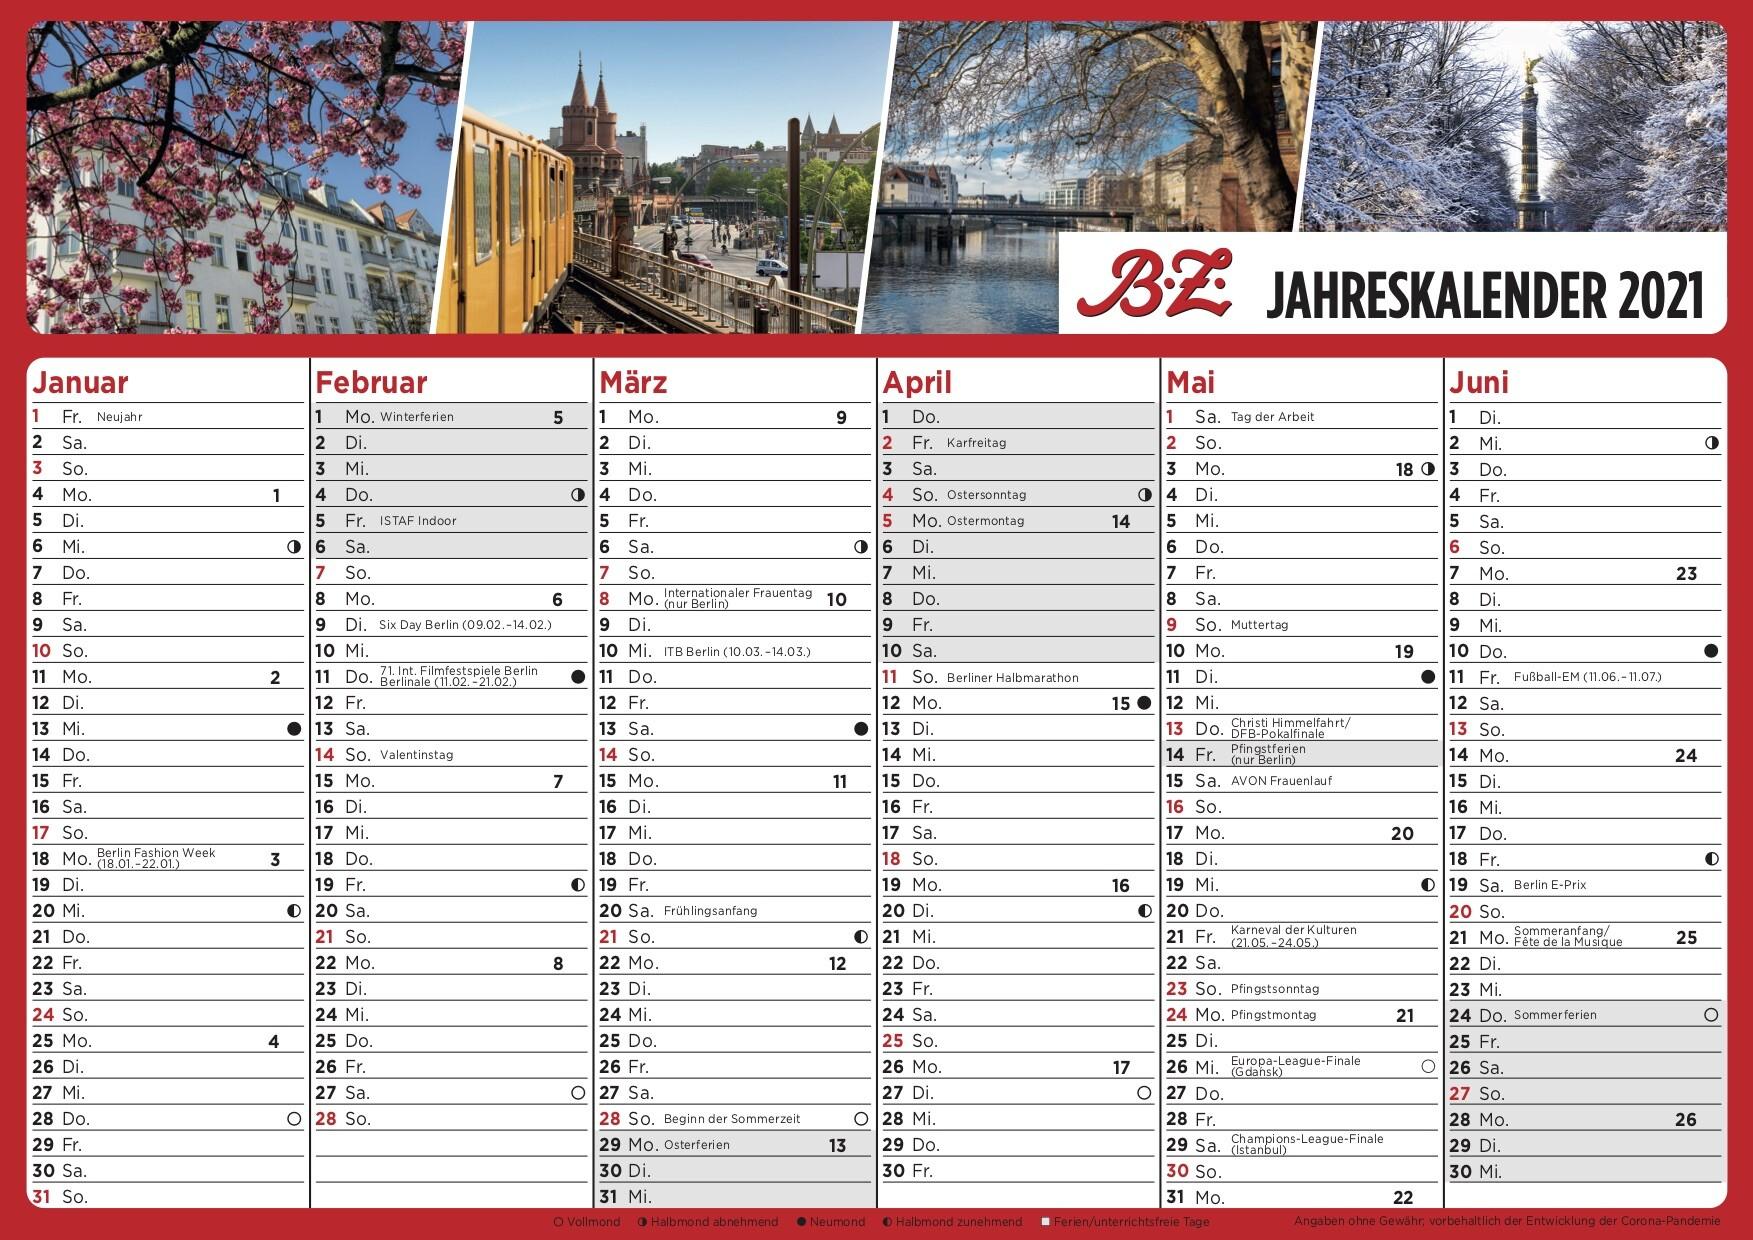 Kalender 2021 Zum Ausdrucken Kostenlos Mit Ferien ...